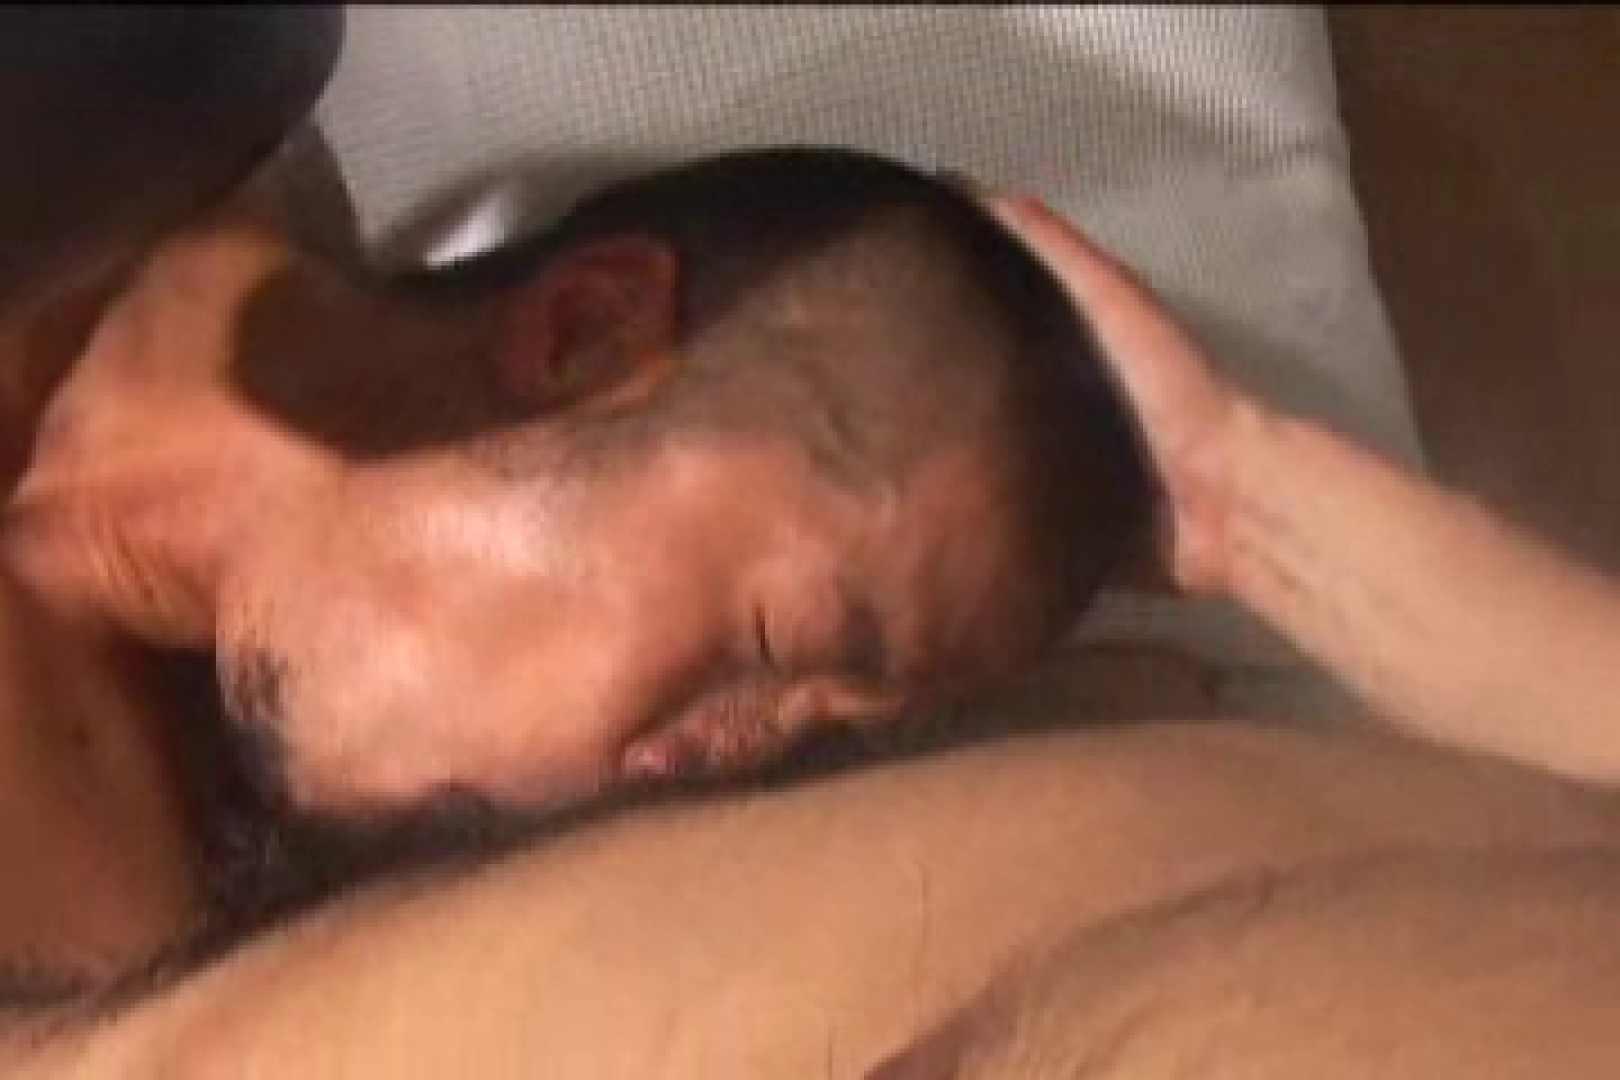 スポMENファック!!反り勃つ男根!!vol.15 スポーツマン ゲイモロ画像 74pic 12